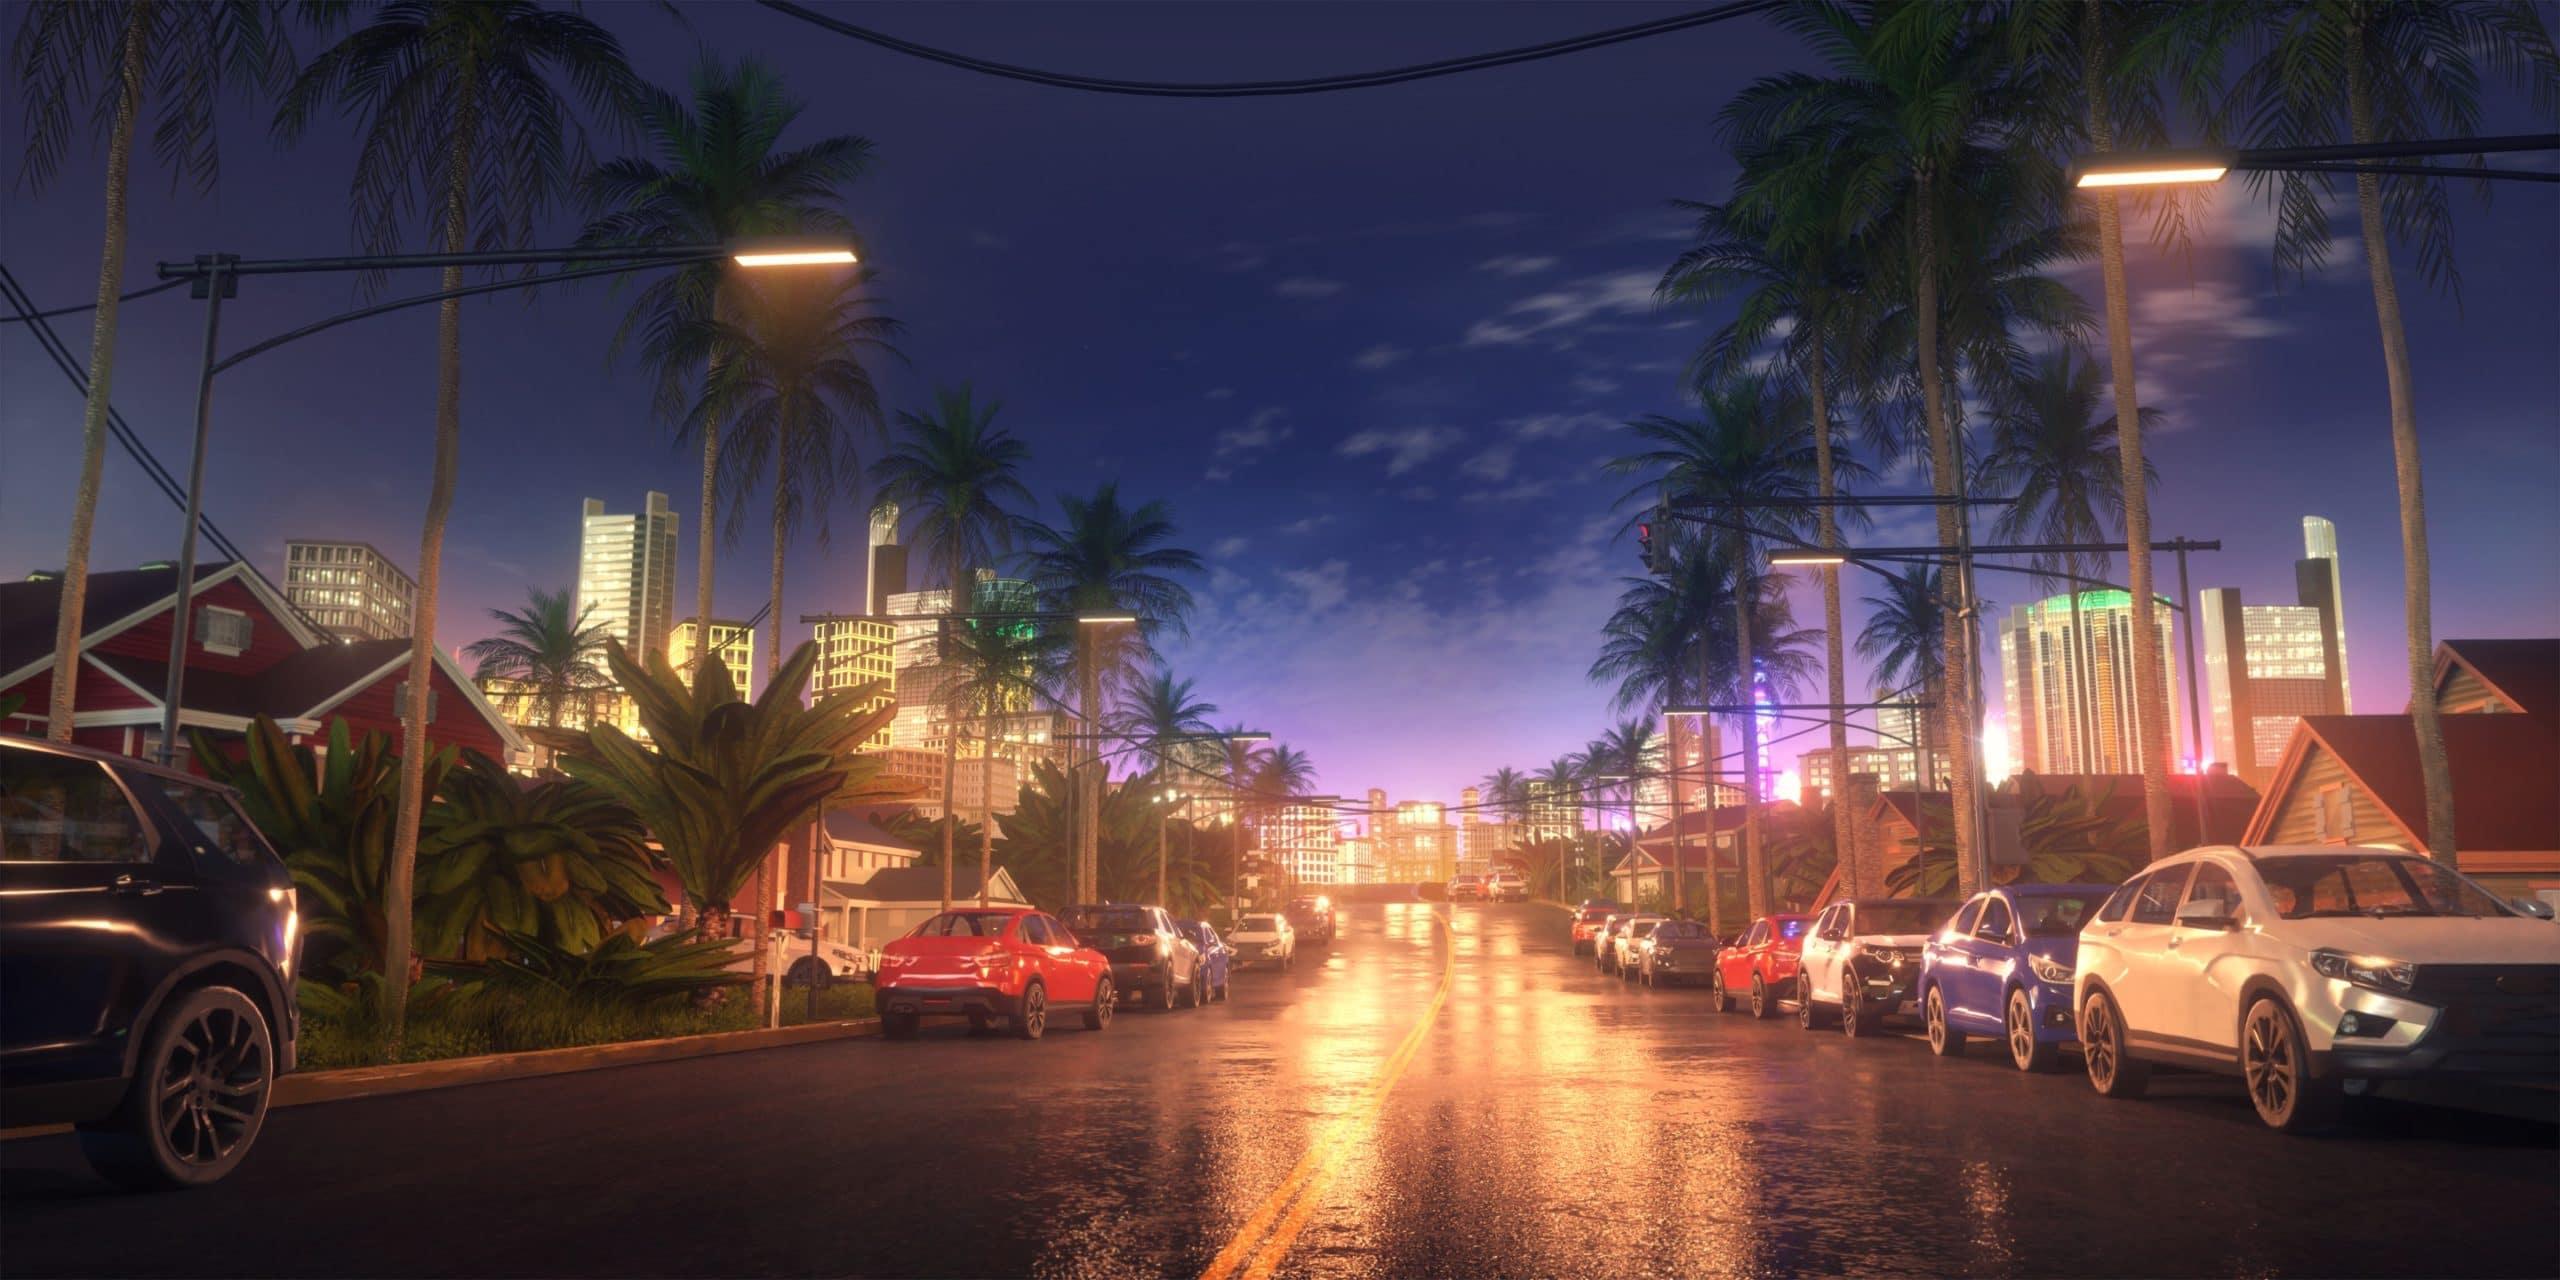 James personnage de Is It Love et vue de nuit d'une rue